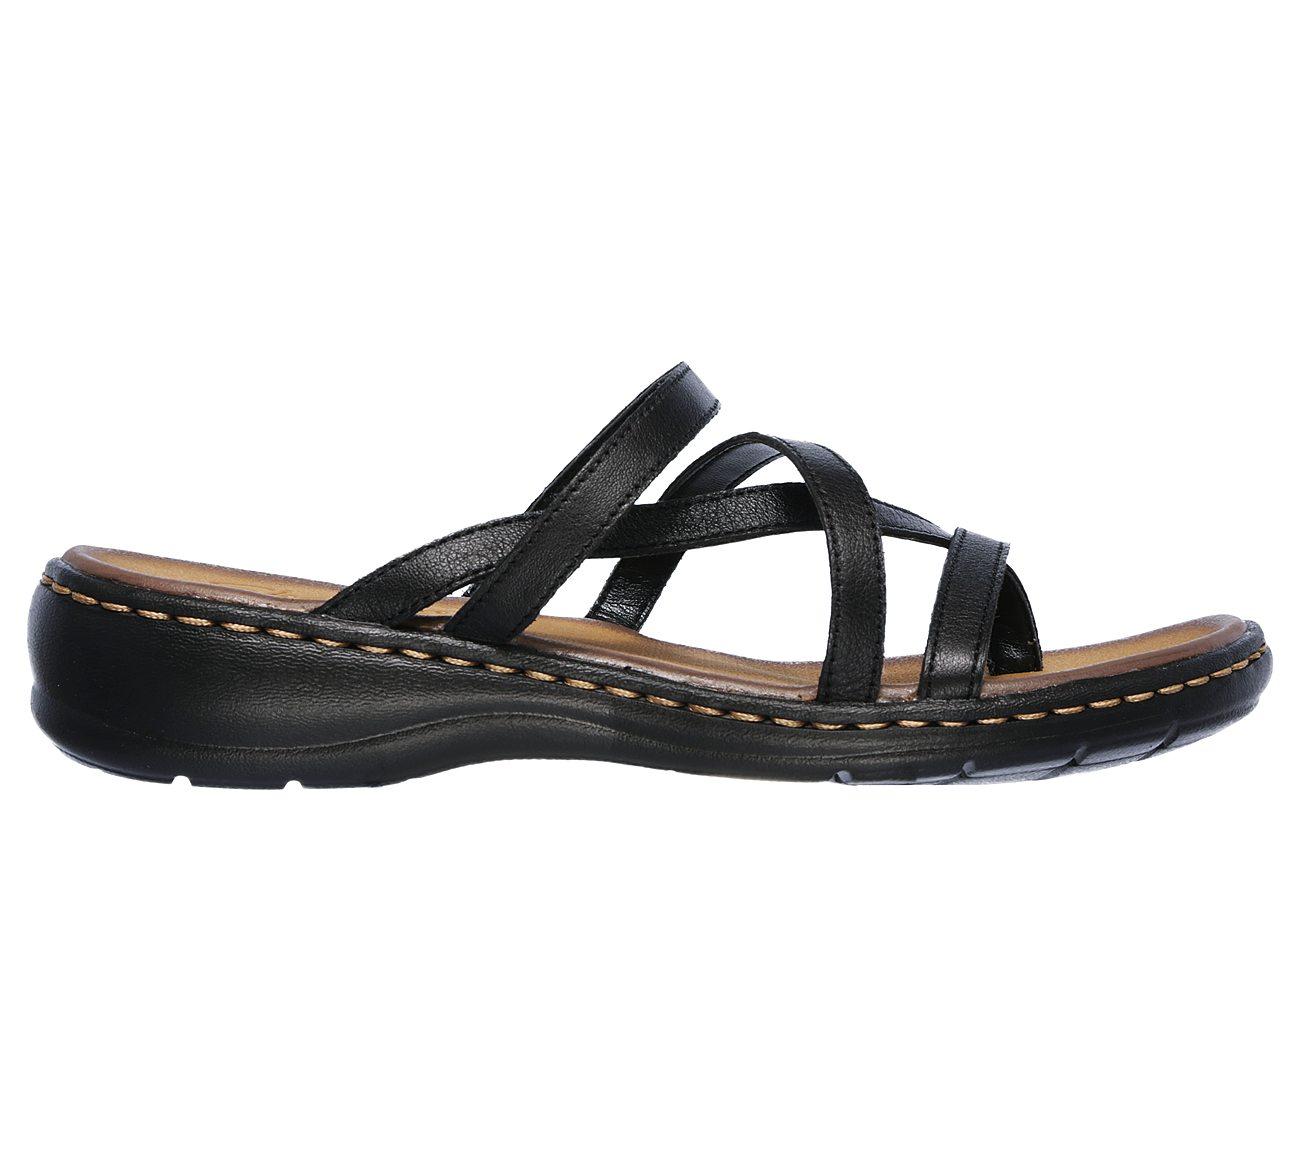 0d6de3affa6f Buy SKECHERS Passenger - Quatre Cali Shoes only  63.00